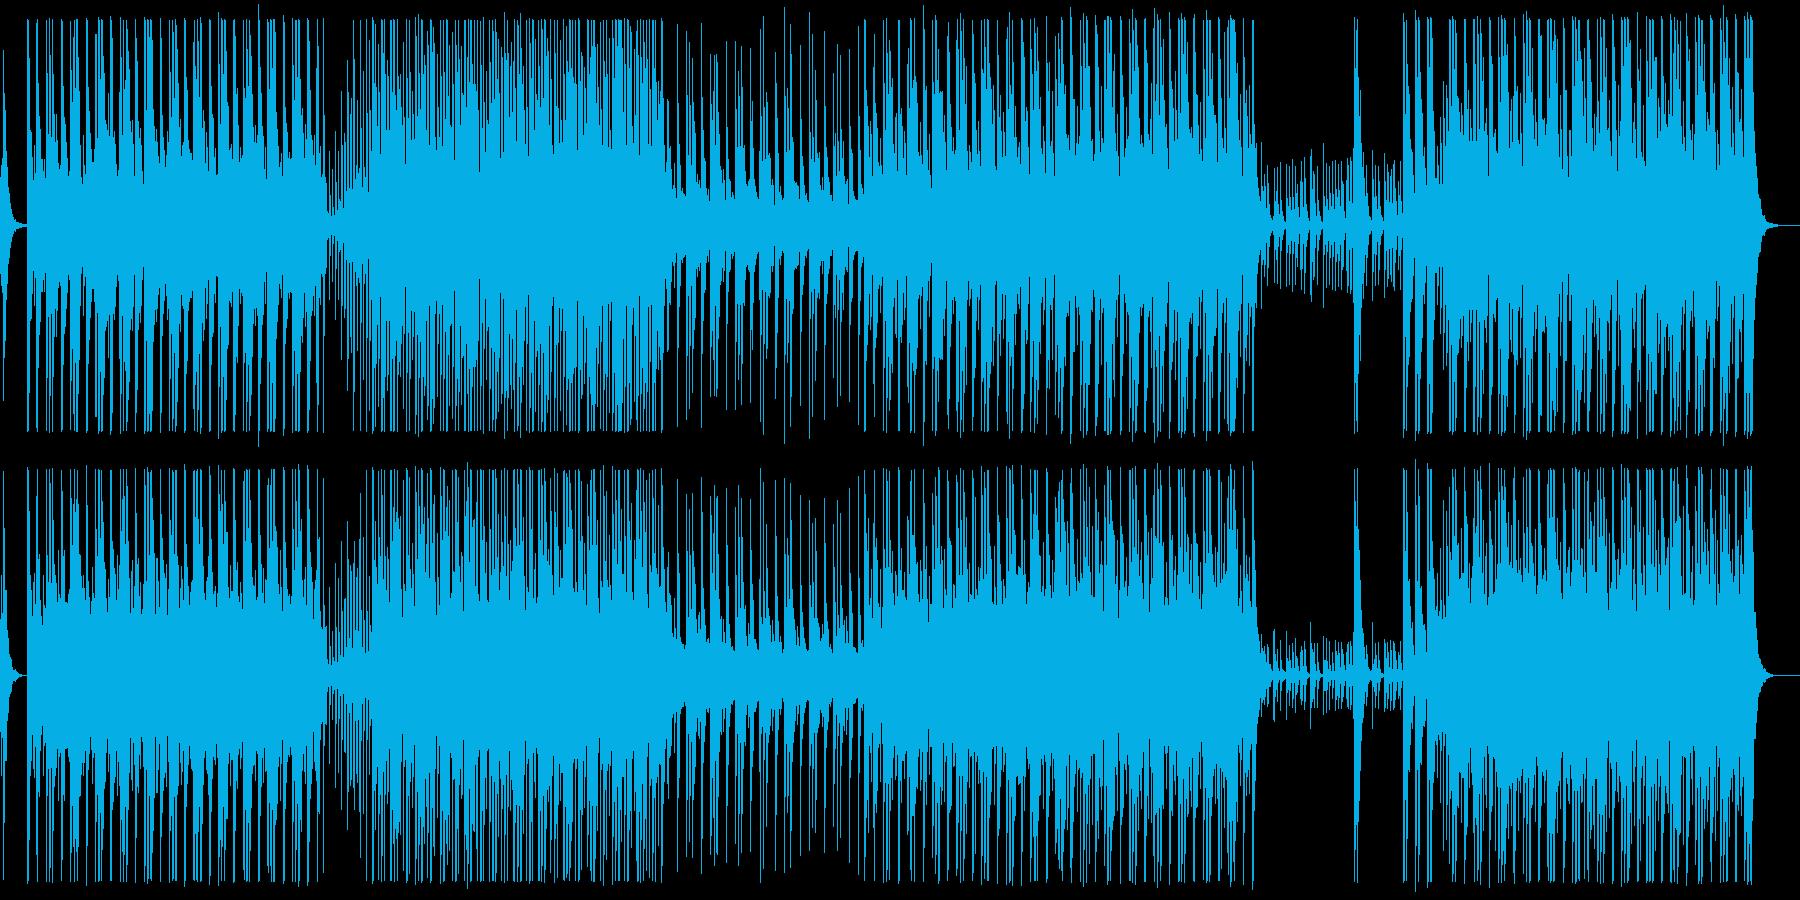 シンプルで力強い和太鼓アンサンブルBGMの再生済みの波形